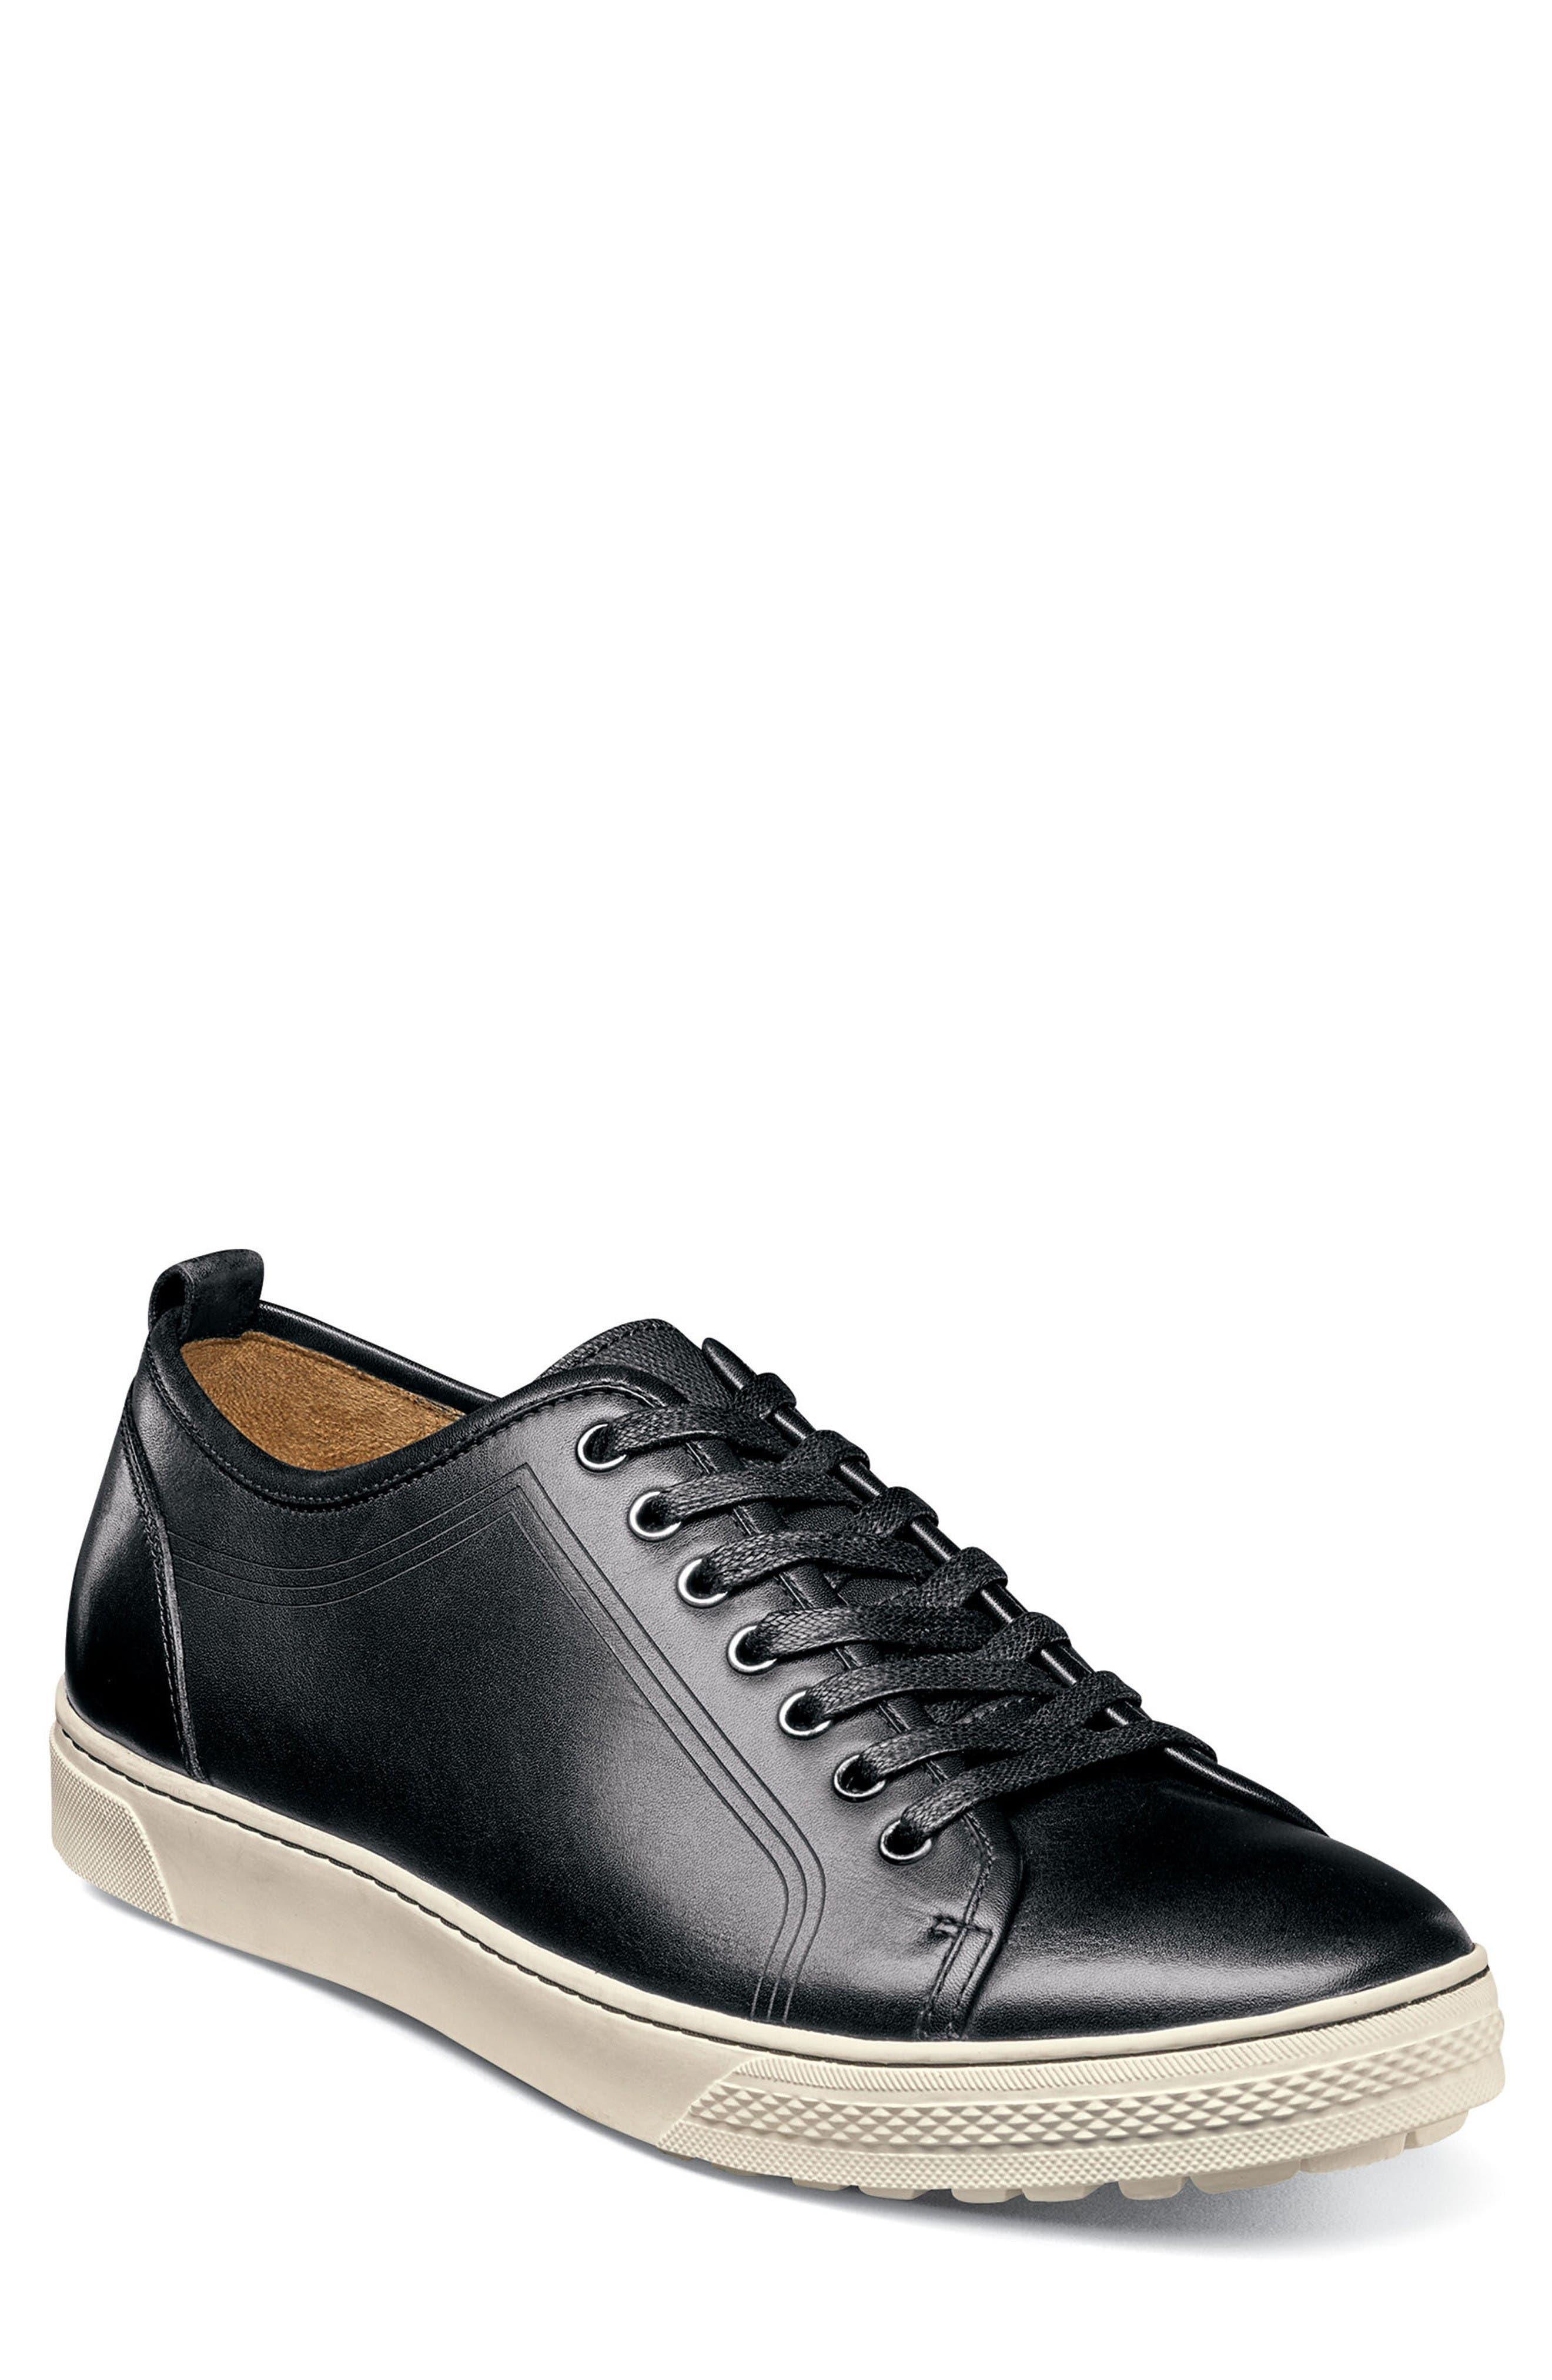 Alternate Image 1 Selected - Florsheim Forward Lo Sneaker (Men)